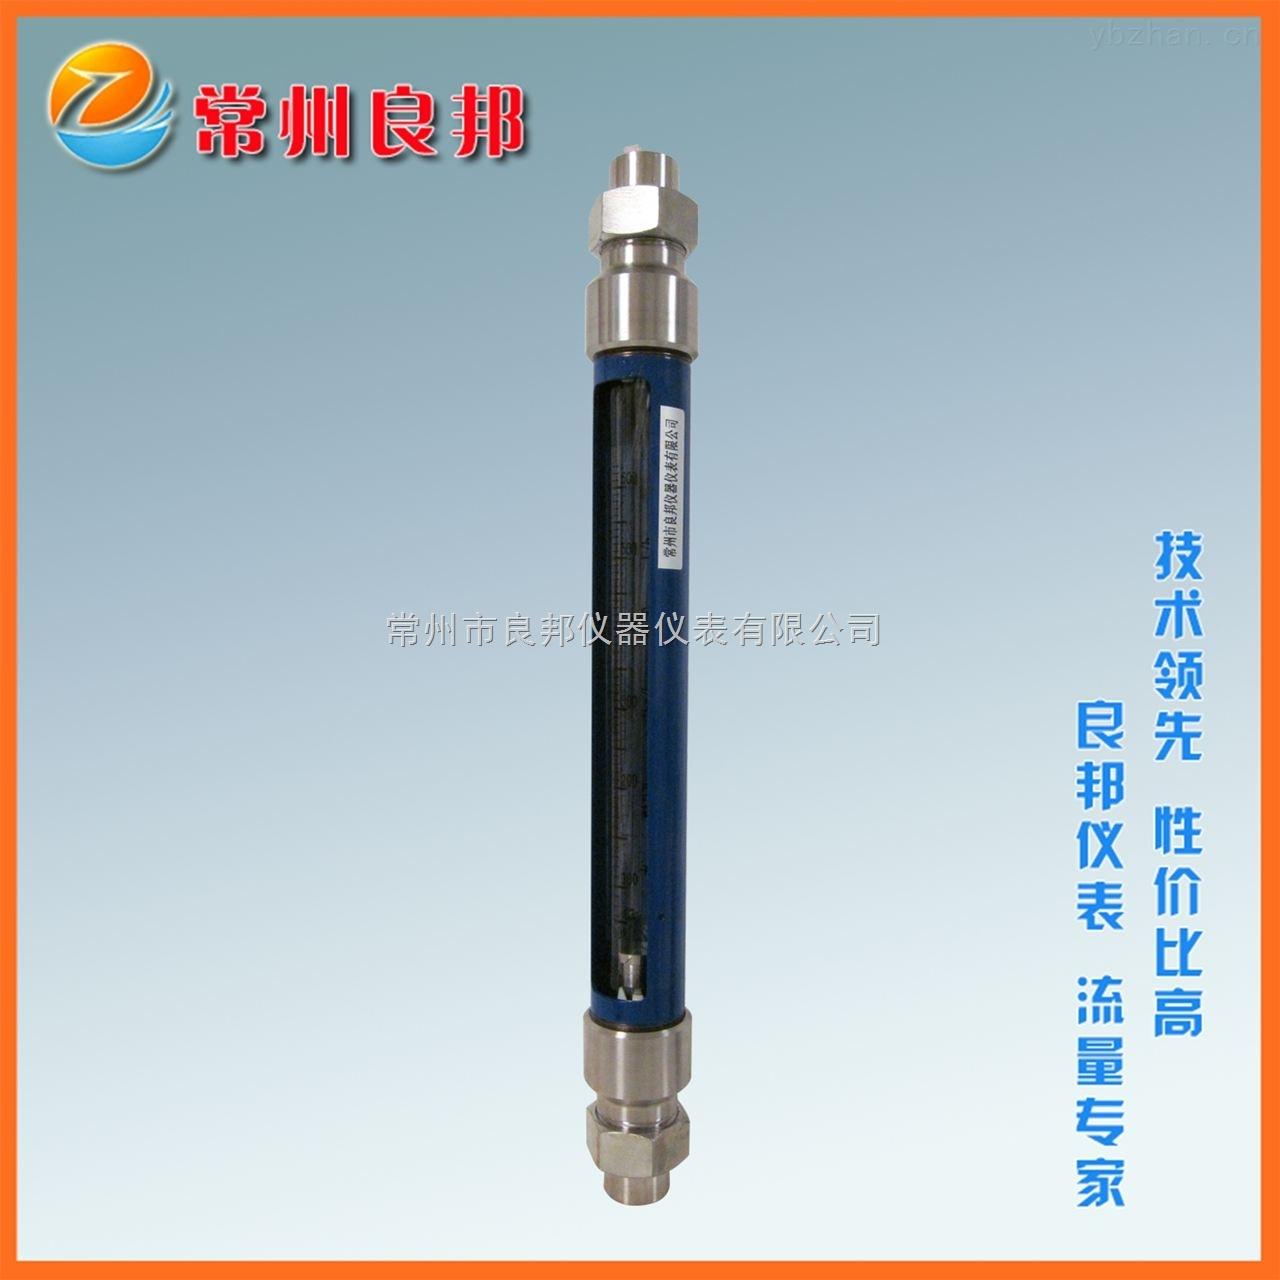 G30-25玻璃转子流量计厂家 304不锈钢接头 膜设备水流量测量